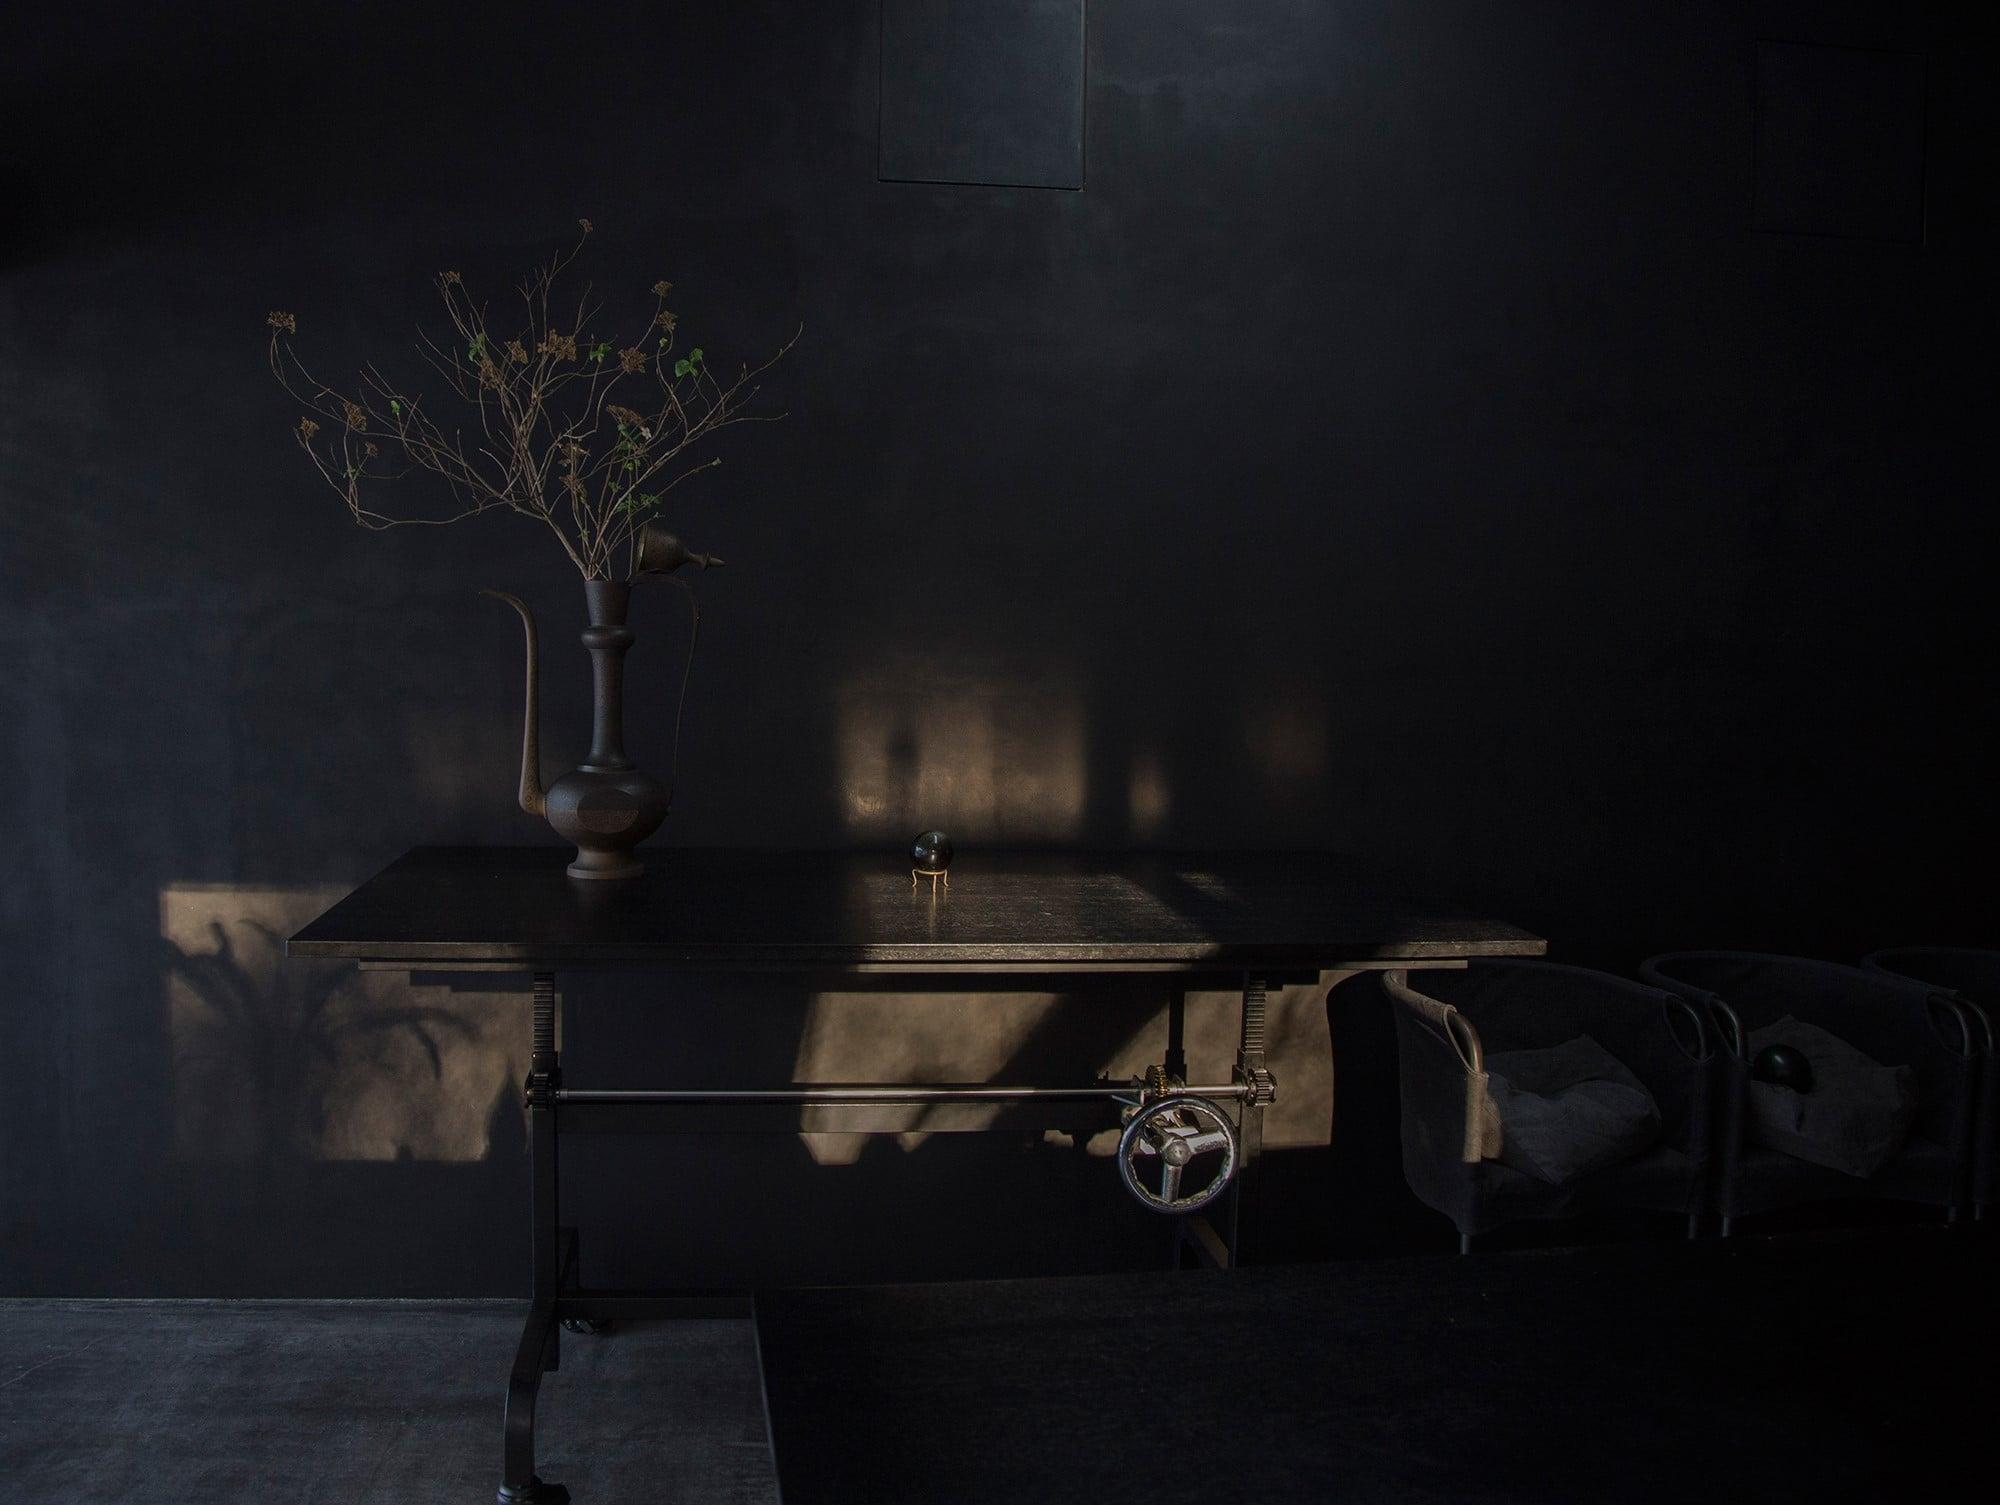 壁に光が差し込み、墨黒の壁に陰影が生まれる。